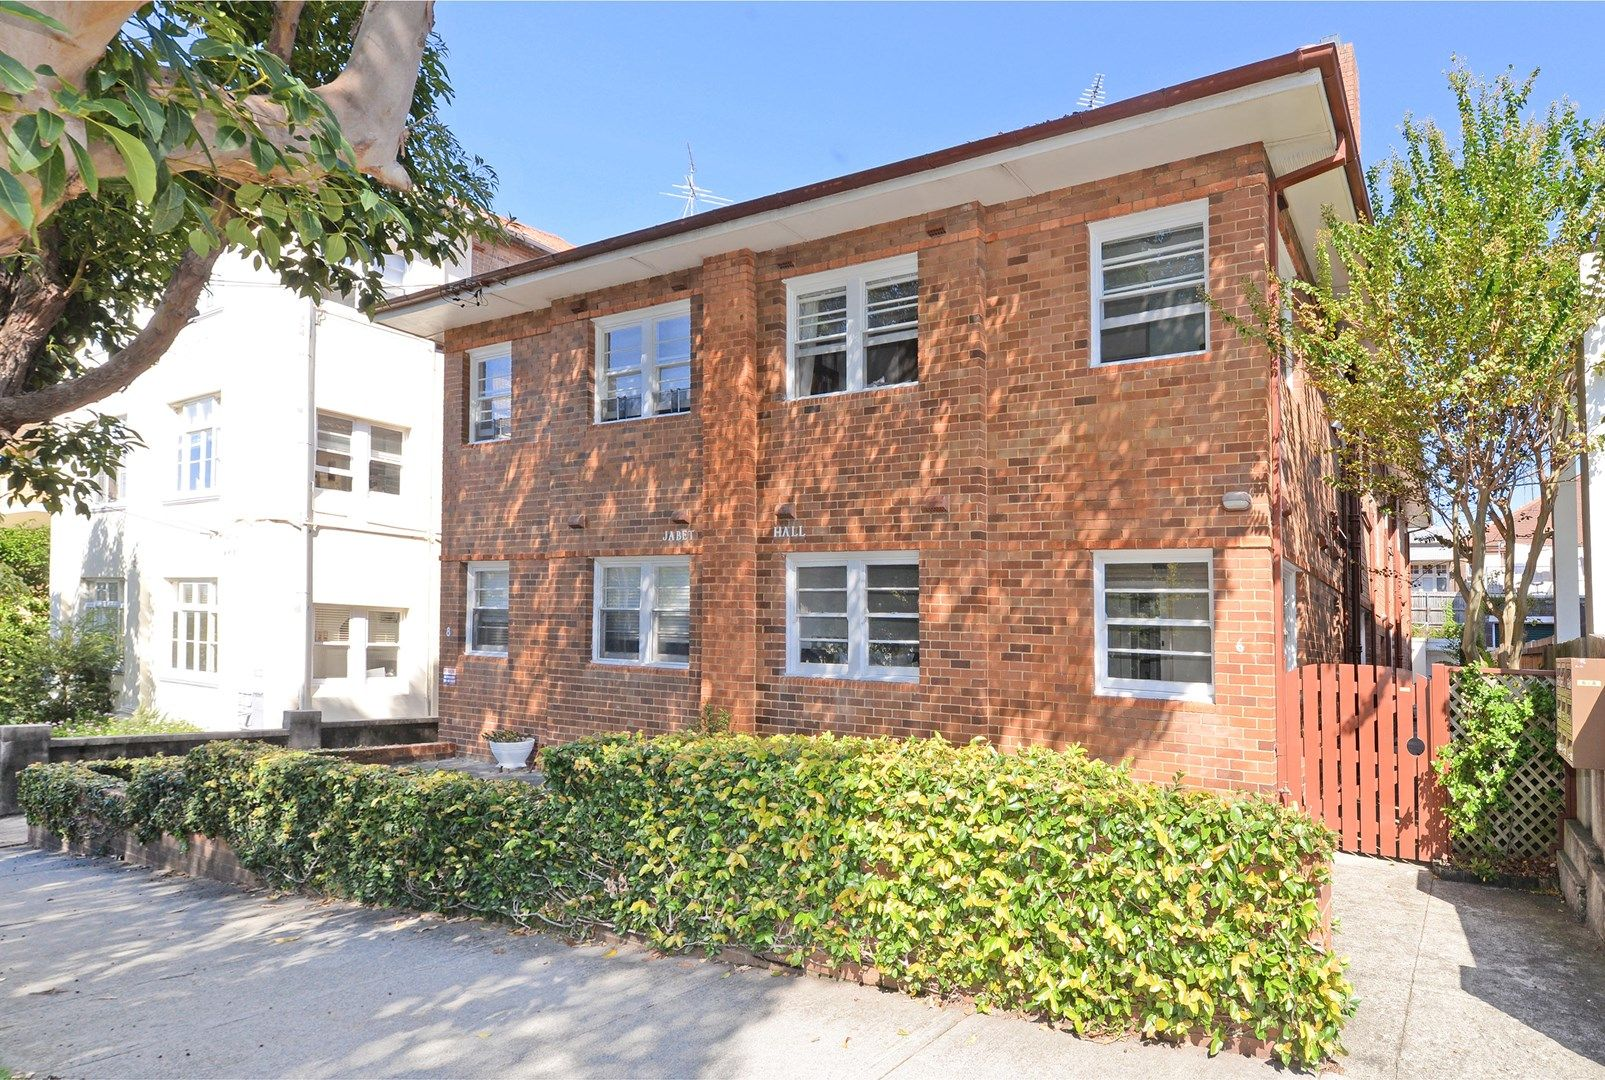 6-8 Kidman  Street, Coogee NSW 2034, Image 0